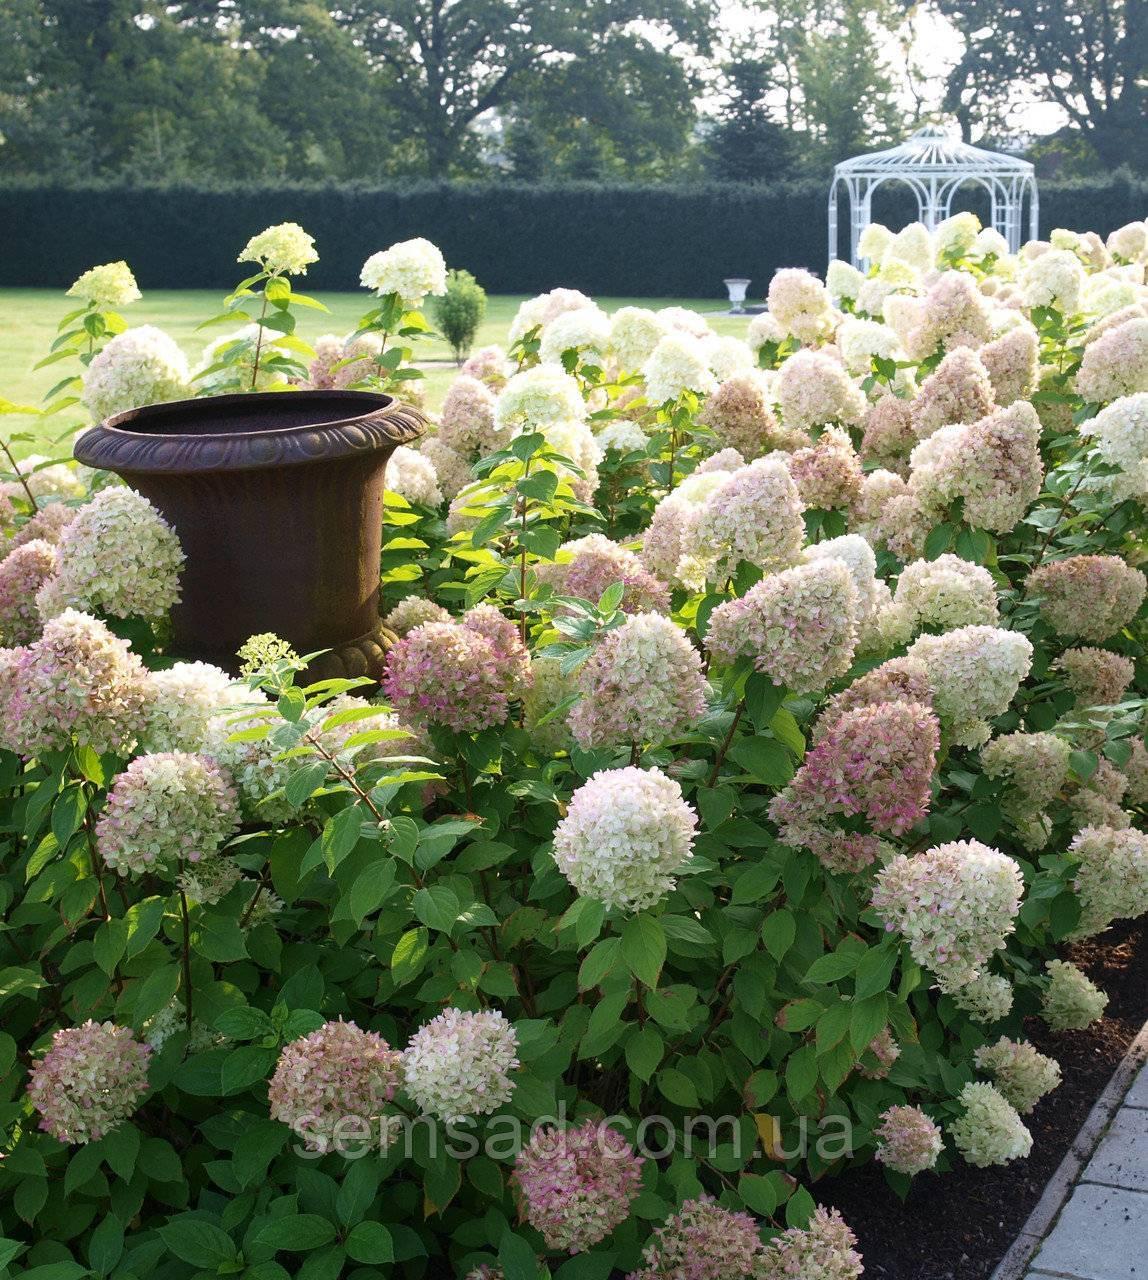 Посадка гортензии в саду в открытый грунт и уход за шаровидными цветами